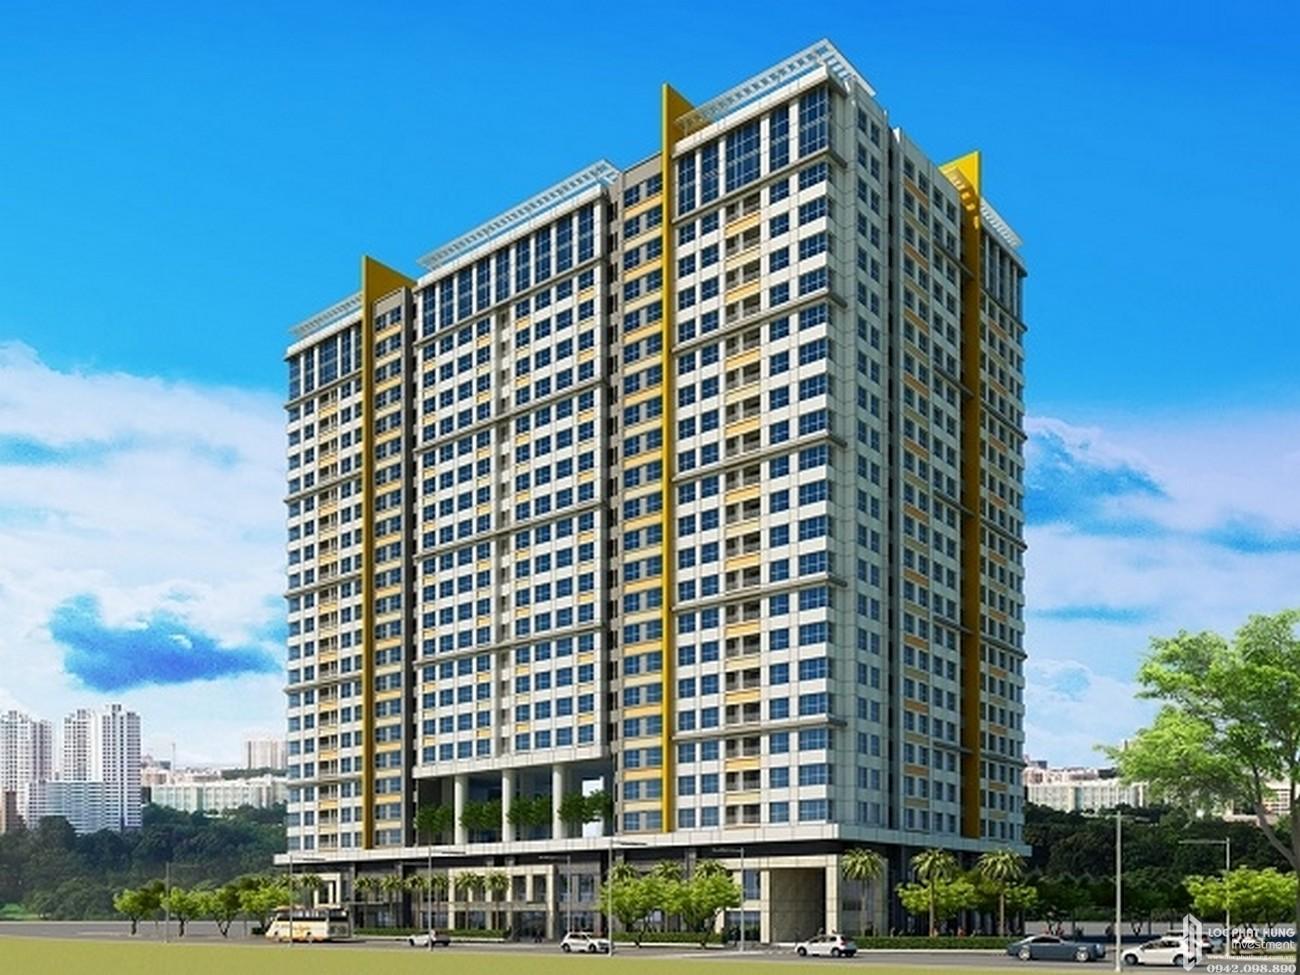 Phối cảnh tổng thể dự án căn hộ chung cư Galaxy 9 Quận 4 Đường Nguyễn Khoái chủ đầu tư Novaland